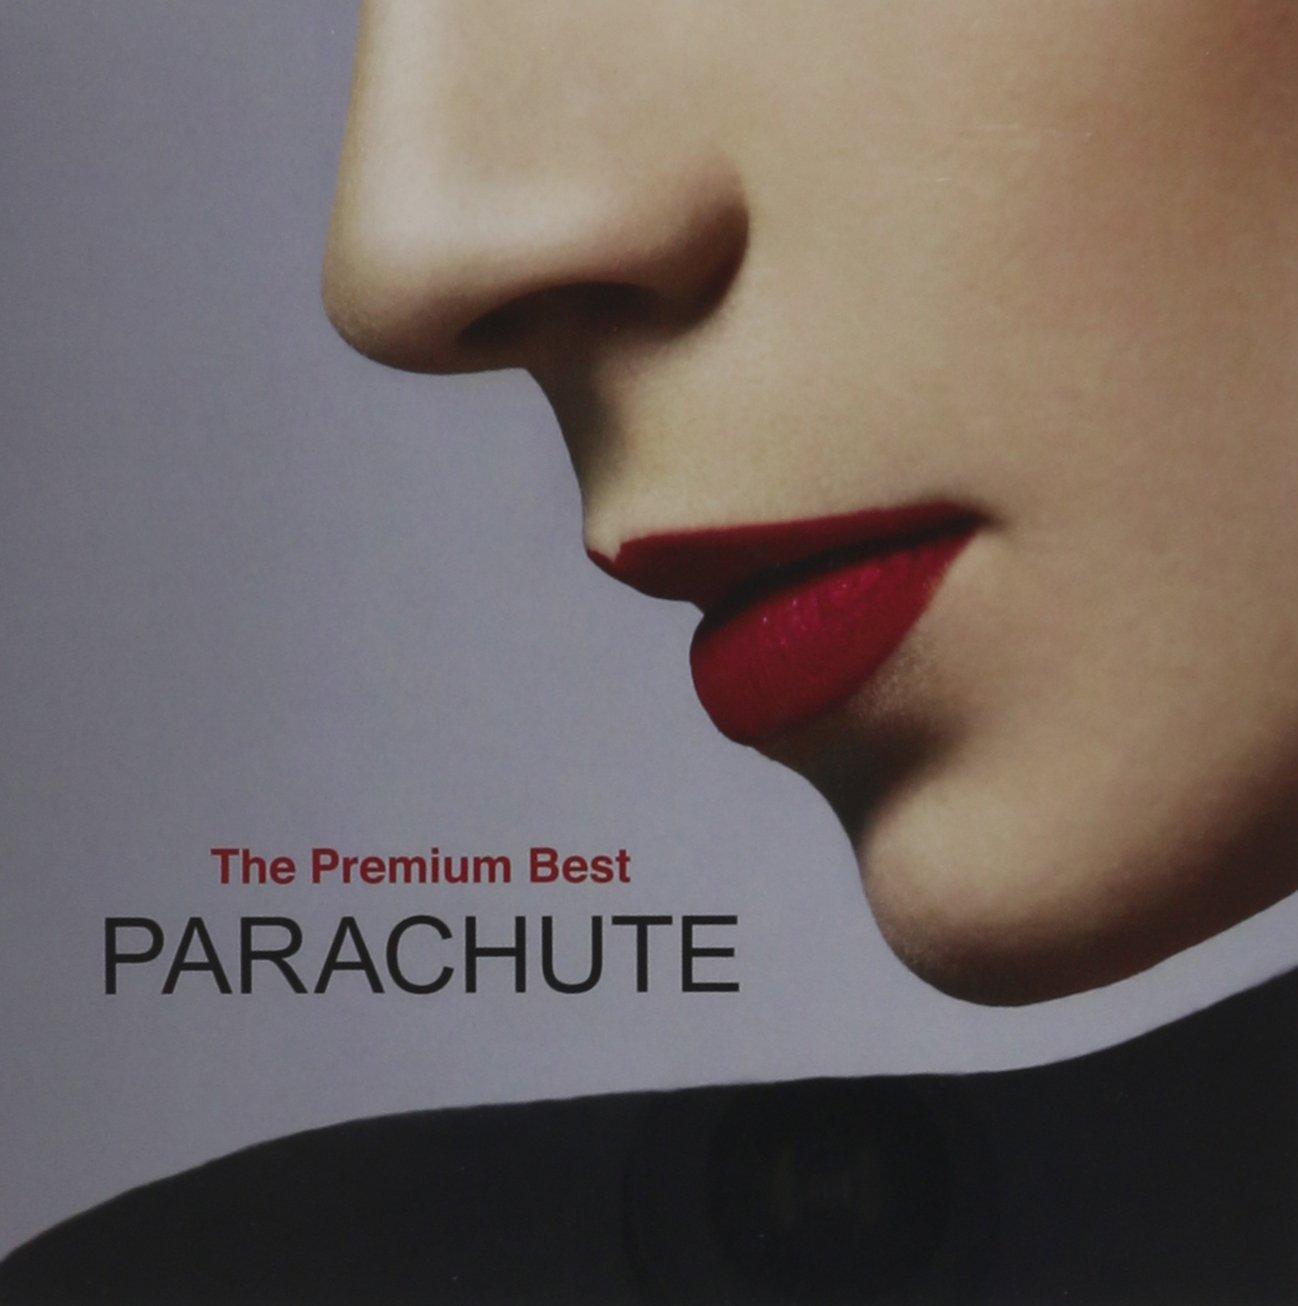 The Premium Best